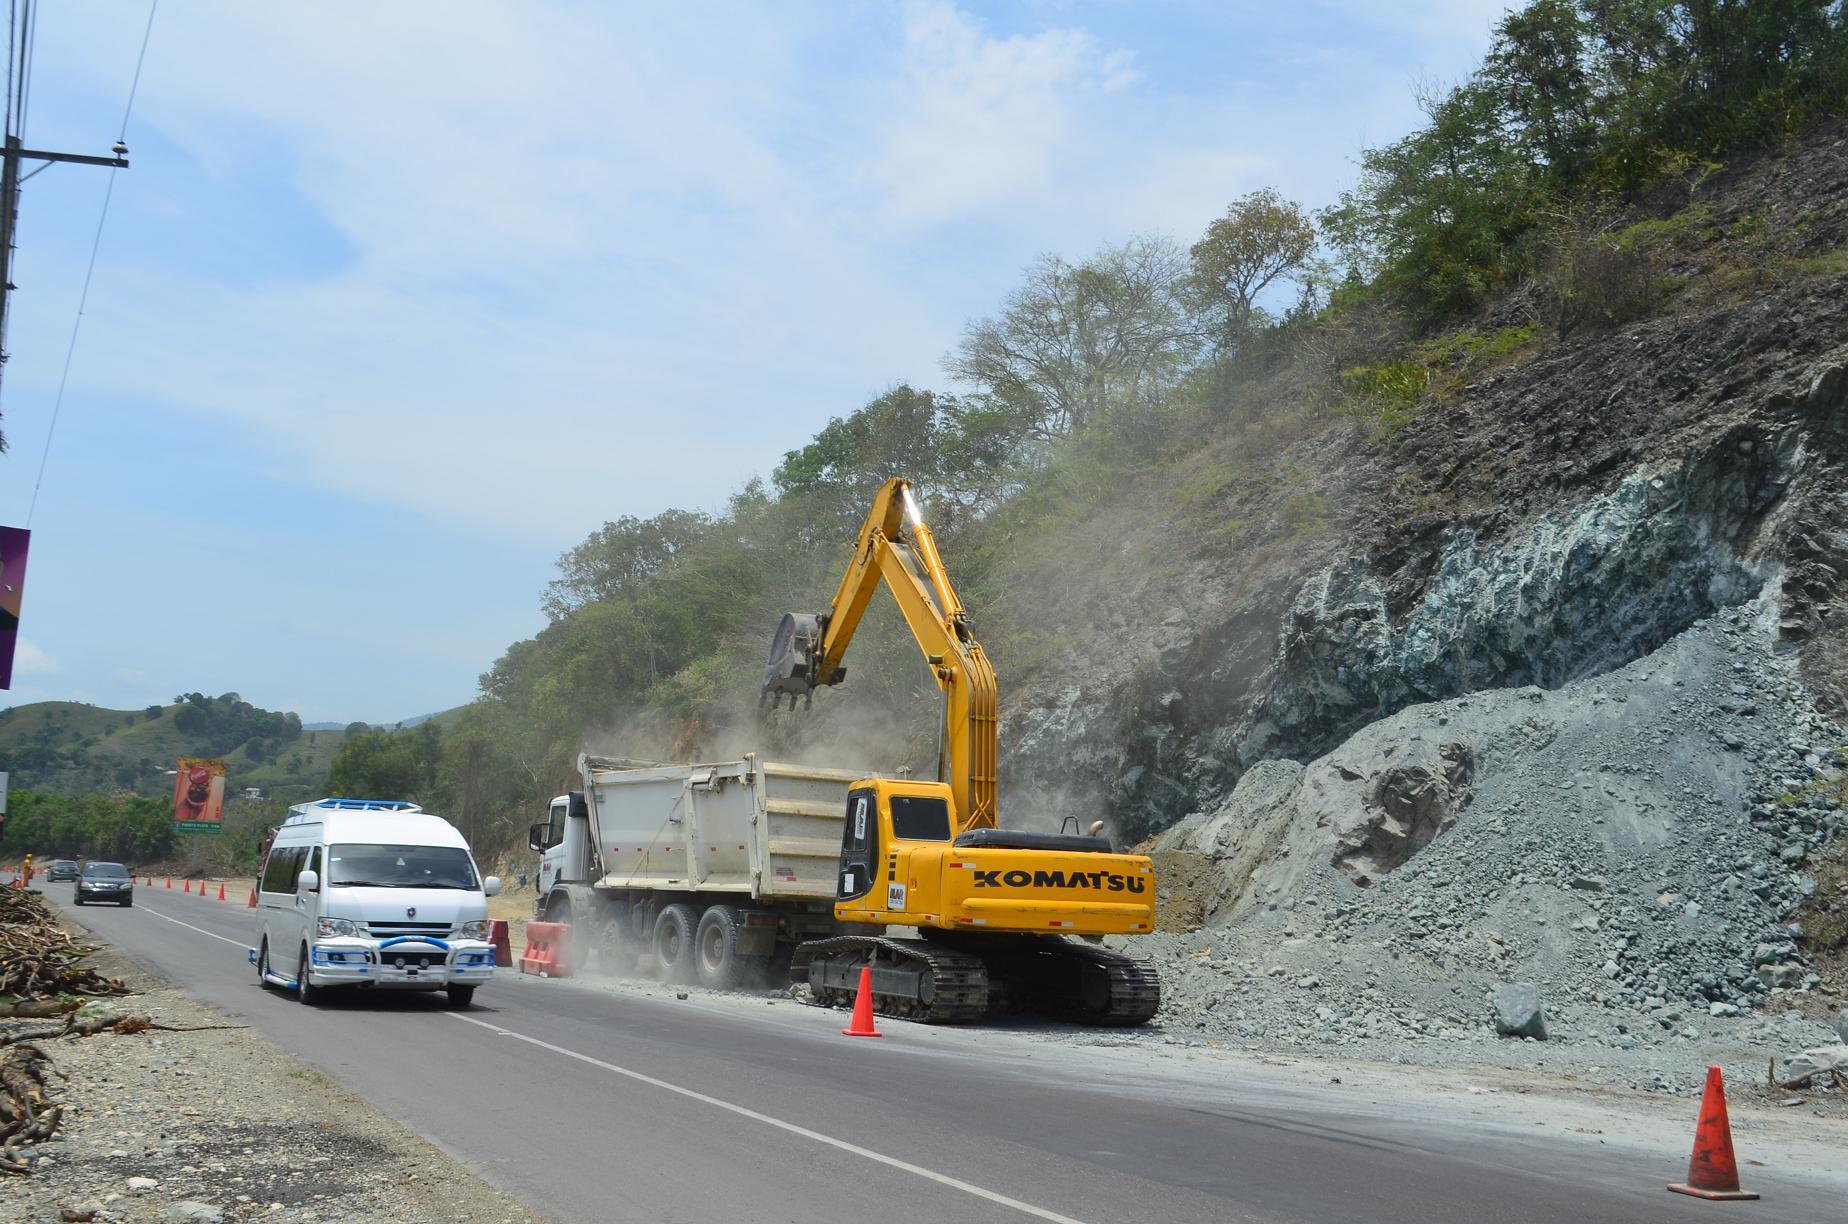 Obras Públicas inicia ampliación de carretera Maimón-Puerto Plata